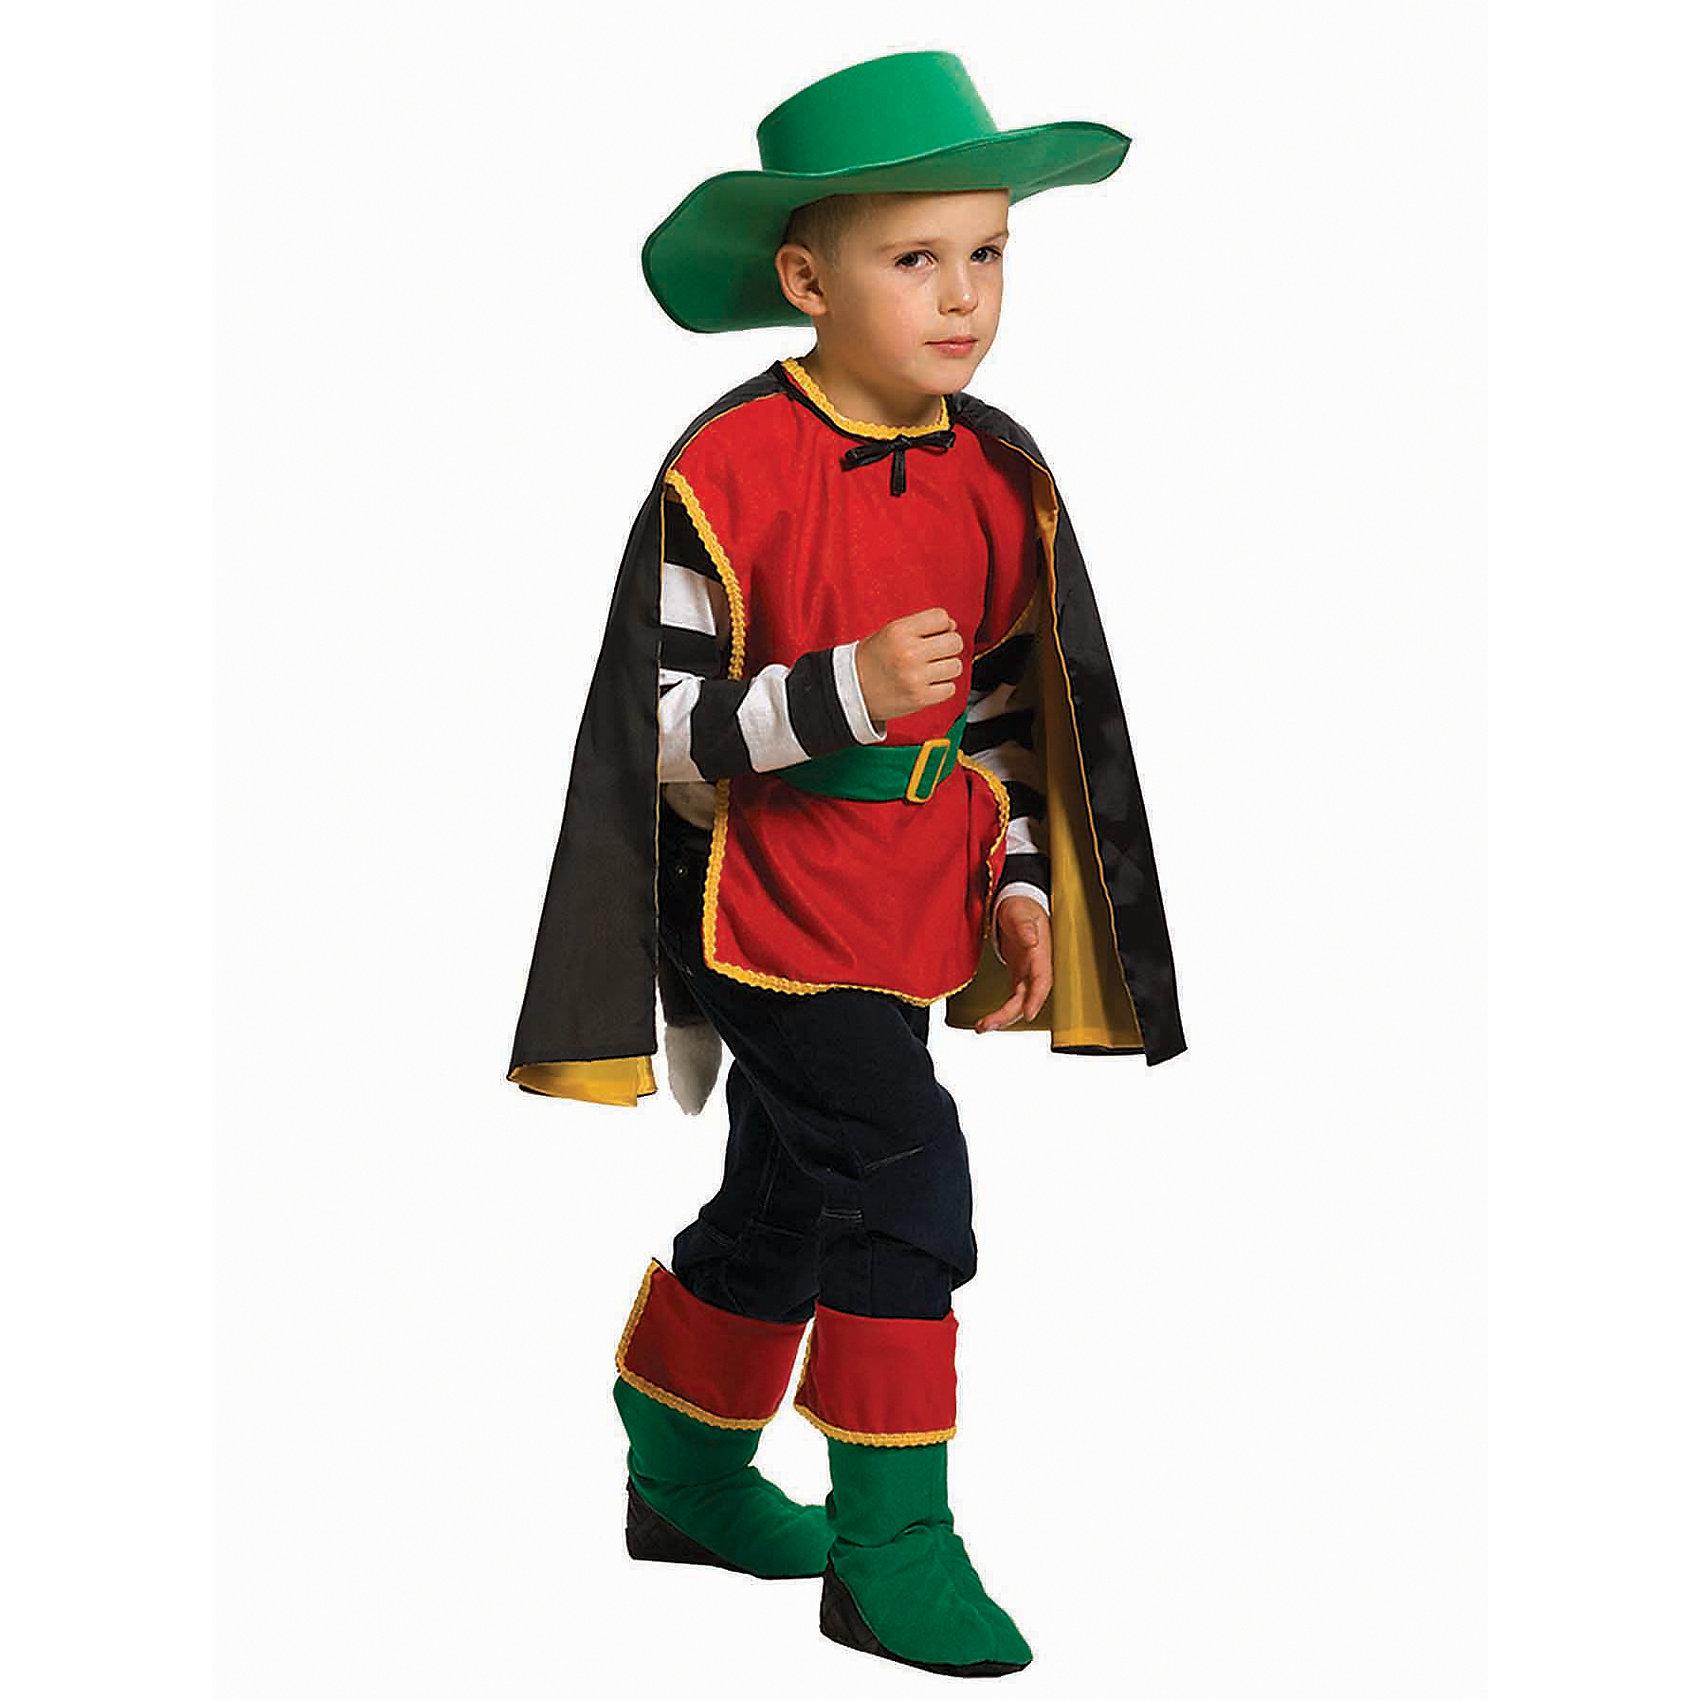 Карнавальный костюм для мальчика Кот в сапогах, ВестификаКарнавальные костюмы и аксессуары<br>Карнавальный костюм Кот в сапогах выполнен из велюра нескольких цветов. Костюм состоит из жилета, отороченного яркой тесьмой, пояса с хвостом, двухцветного плаща, шляпы и сапог, которые одеваются поверх обуви. Отвороты сапог уплотнены. Плащ фиксируется лентой на шее. Пояс снабжен липучкой. Рекомендуем дополнить костюм белой или черной майкой, брюками, обувью в цвет костюма.<br><br>Дополнительная информация:<br><br>Комплектация:<br>Плащ из тафеты <br>Шляпа  (в размере 98/110 цвет шляпы КРАСНЫЙ)<br>Жилетка из велюра<br>Пояс с хвостом из искусственного меха<br>Сапоги<br>Ткани:<br>Тафета (100% полиэстер)<br>Велюр (80% хлопок, 20% полиэстер)<br>Искусственный мех (100% полиэстер)<br><br>Карнавальный костюм для мальчика Кот в сапогах, Вестифика можно купить в нашем магазине.<br><br>Ширина мм: 236<br>Глубина мм: 16<br>Высота мм: 184<br>Вес г: 510<br>Цвет: разноцветный<br>Возраст от месяцев: 36<br>Возраст до месяцев: 60<br>Пол: Мужской<br>Возраст: Детский<br>Размер: 98/110,116/122<br>SKU: 4389236